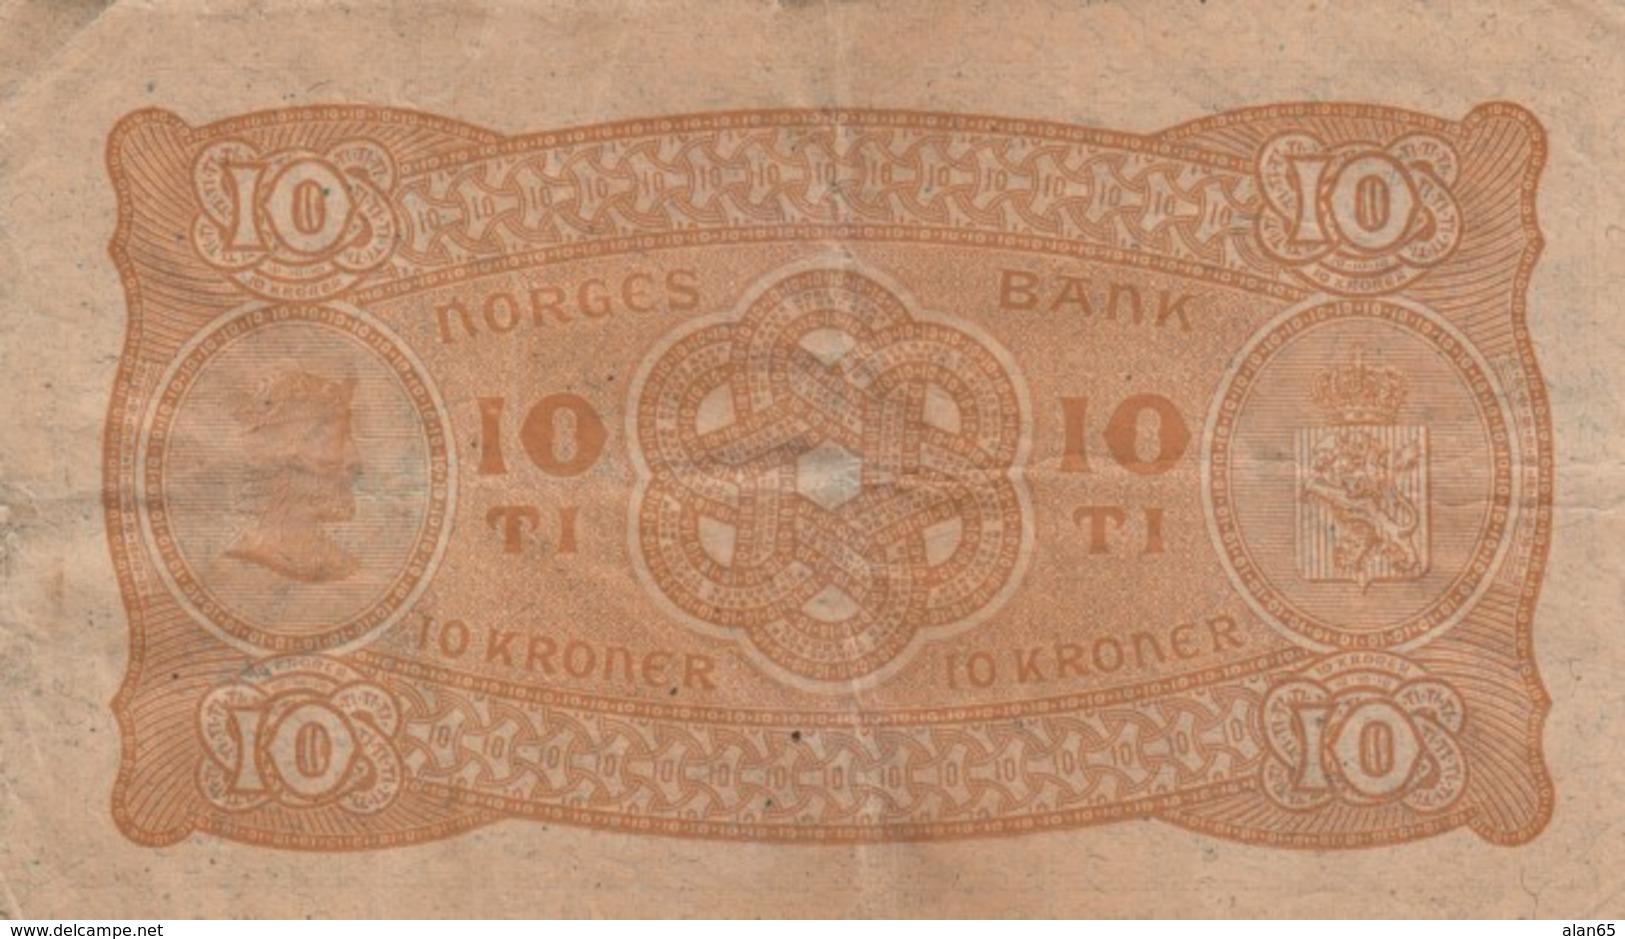 Norway #8c 10 Kroner 1939 Banknote Money Currency - Norvegia